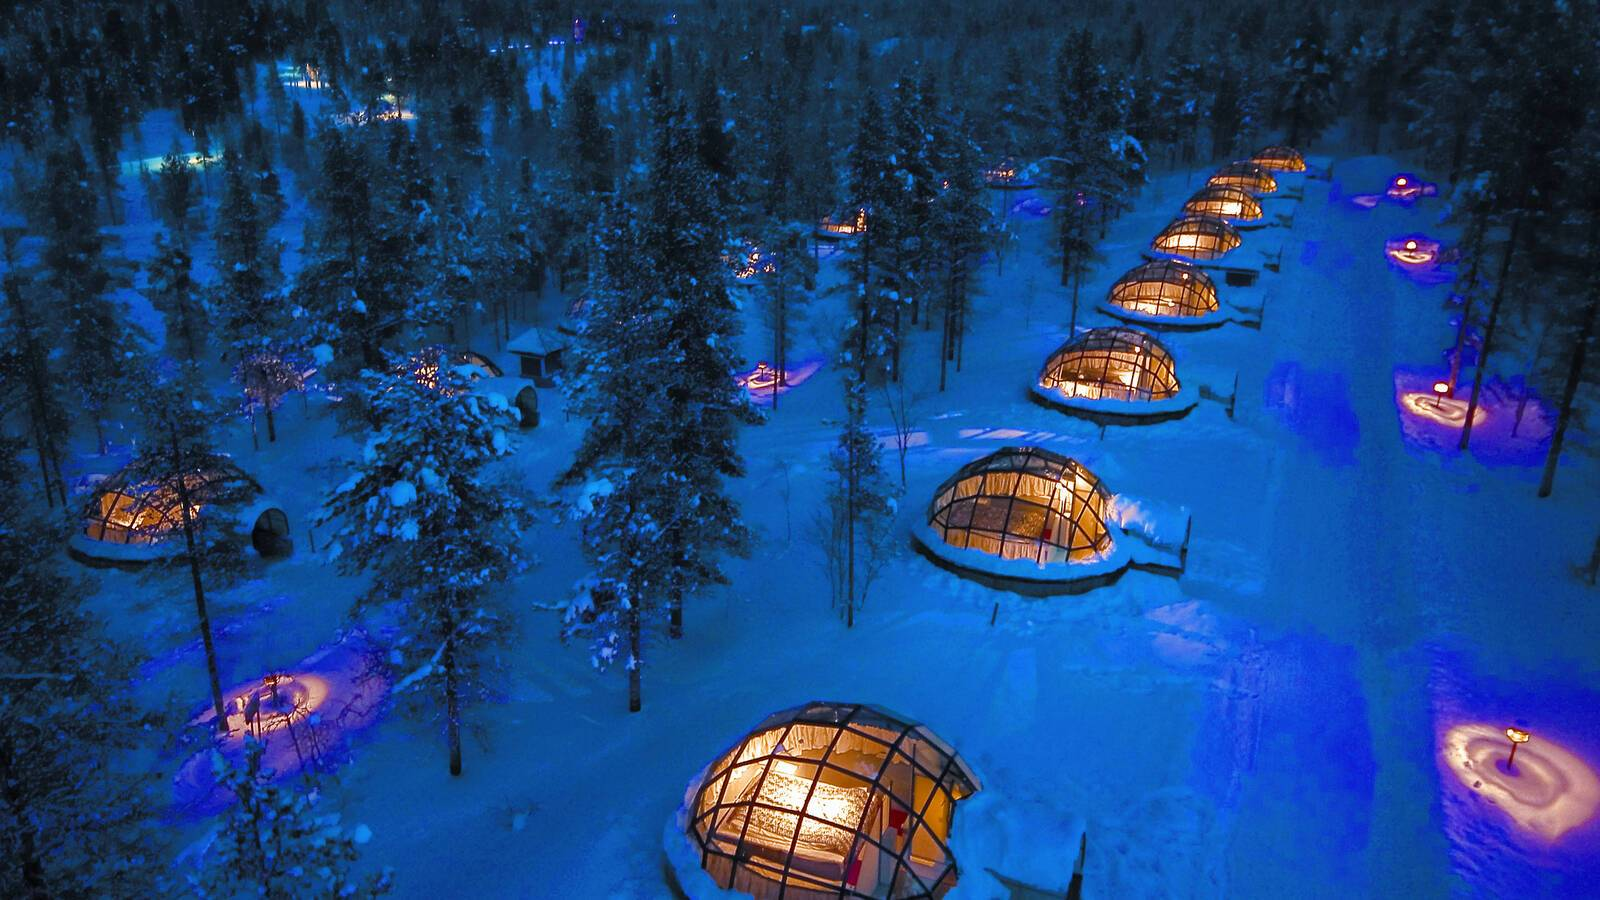 Kakslauttanen Igloos Laponie